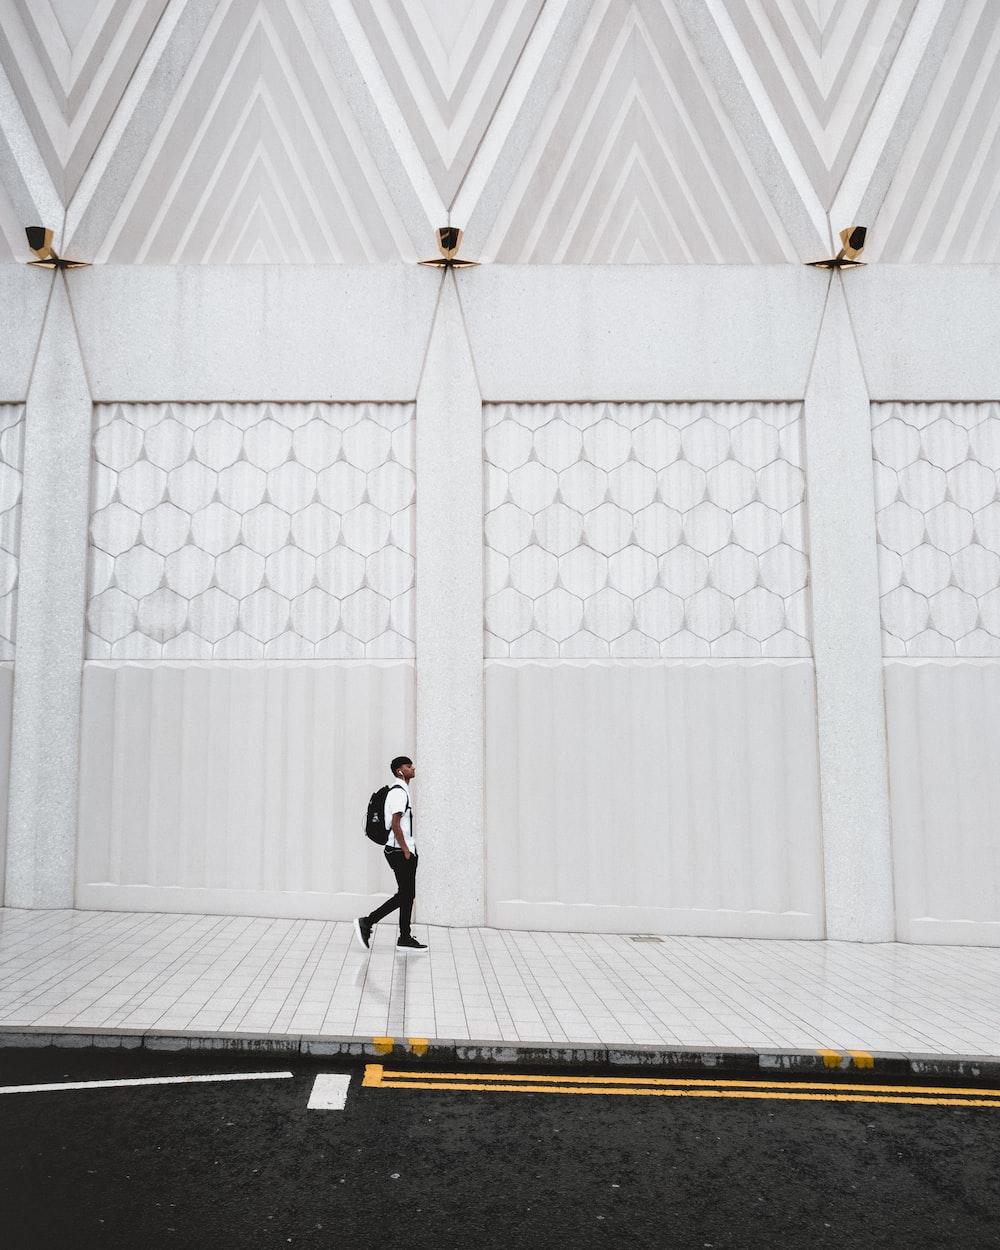 man walking on white concrete pavement